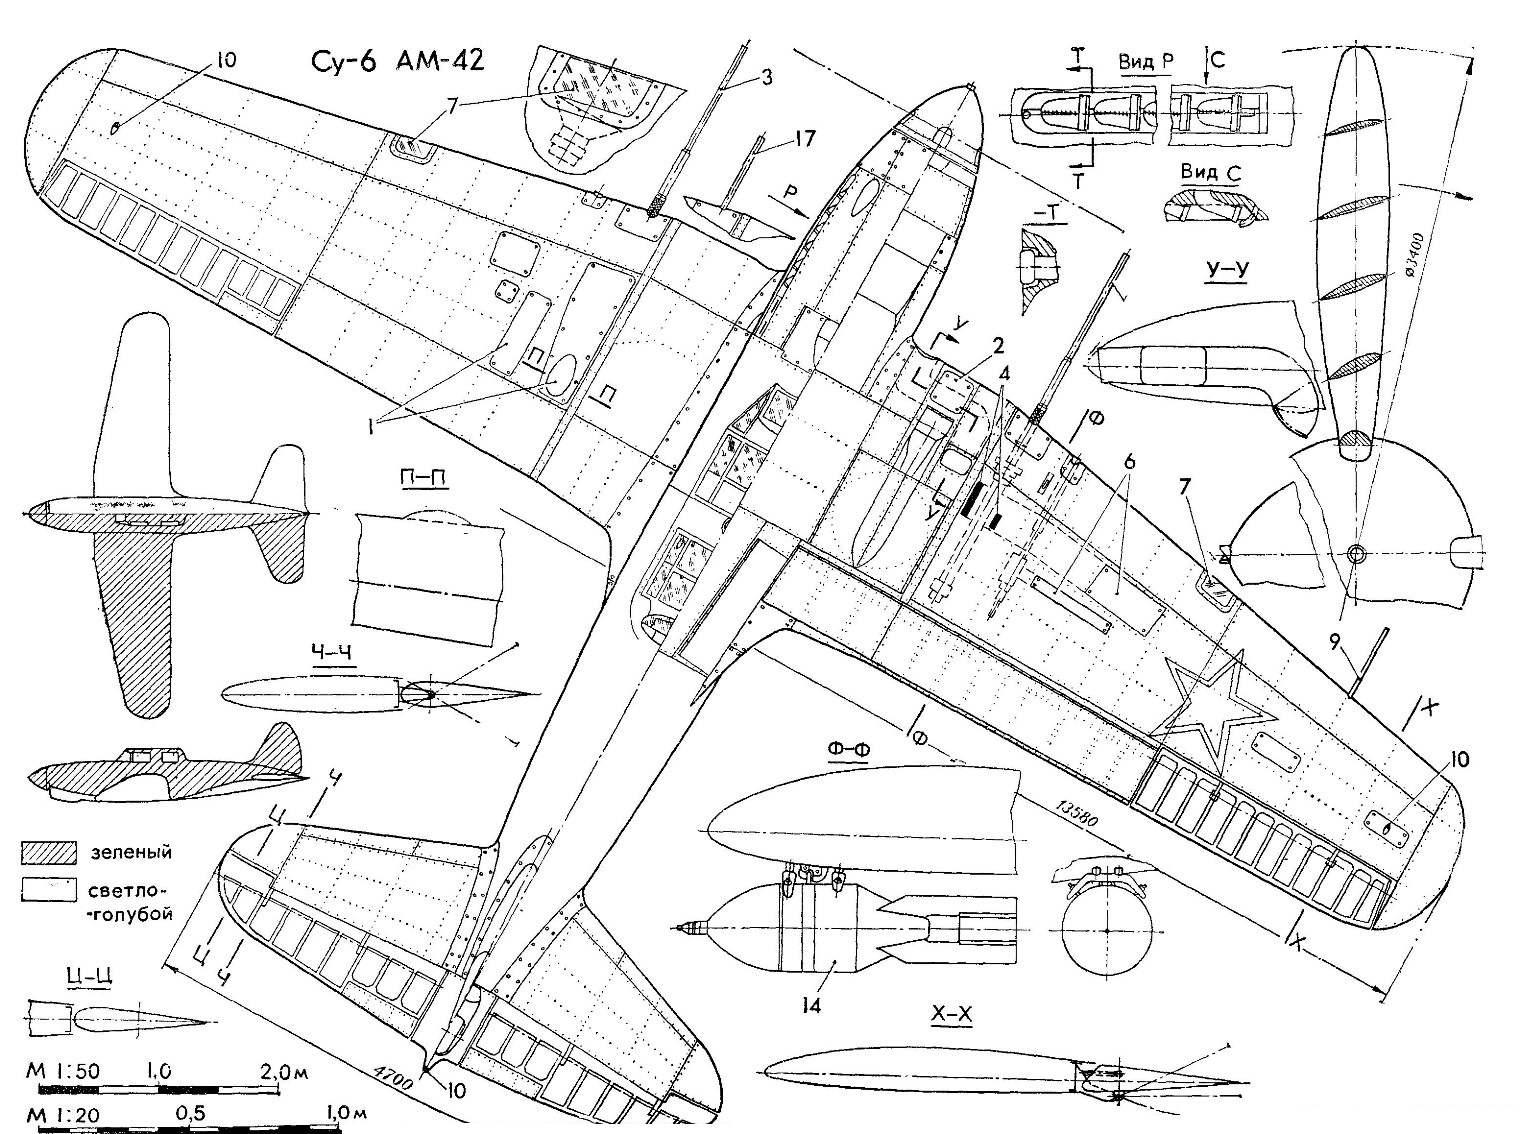 Су-6 АМ-42